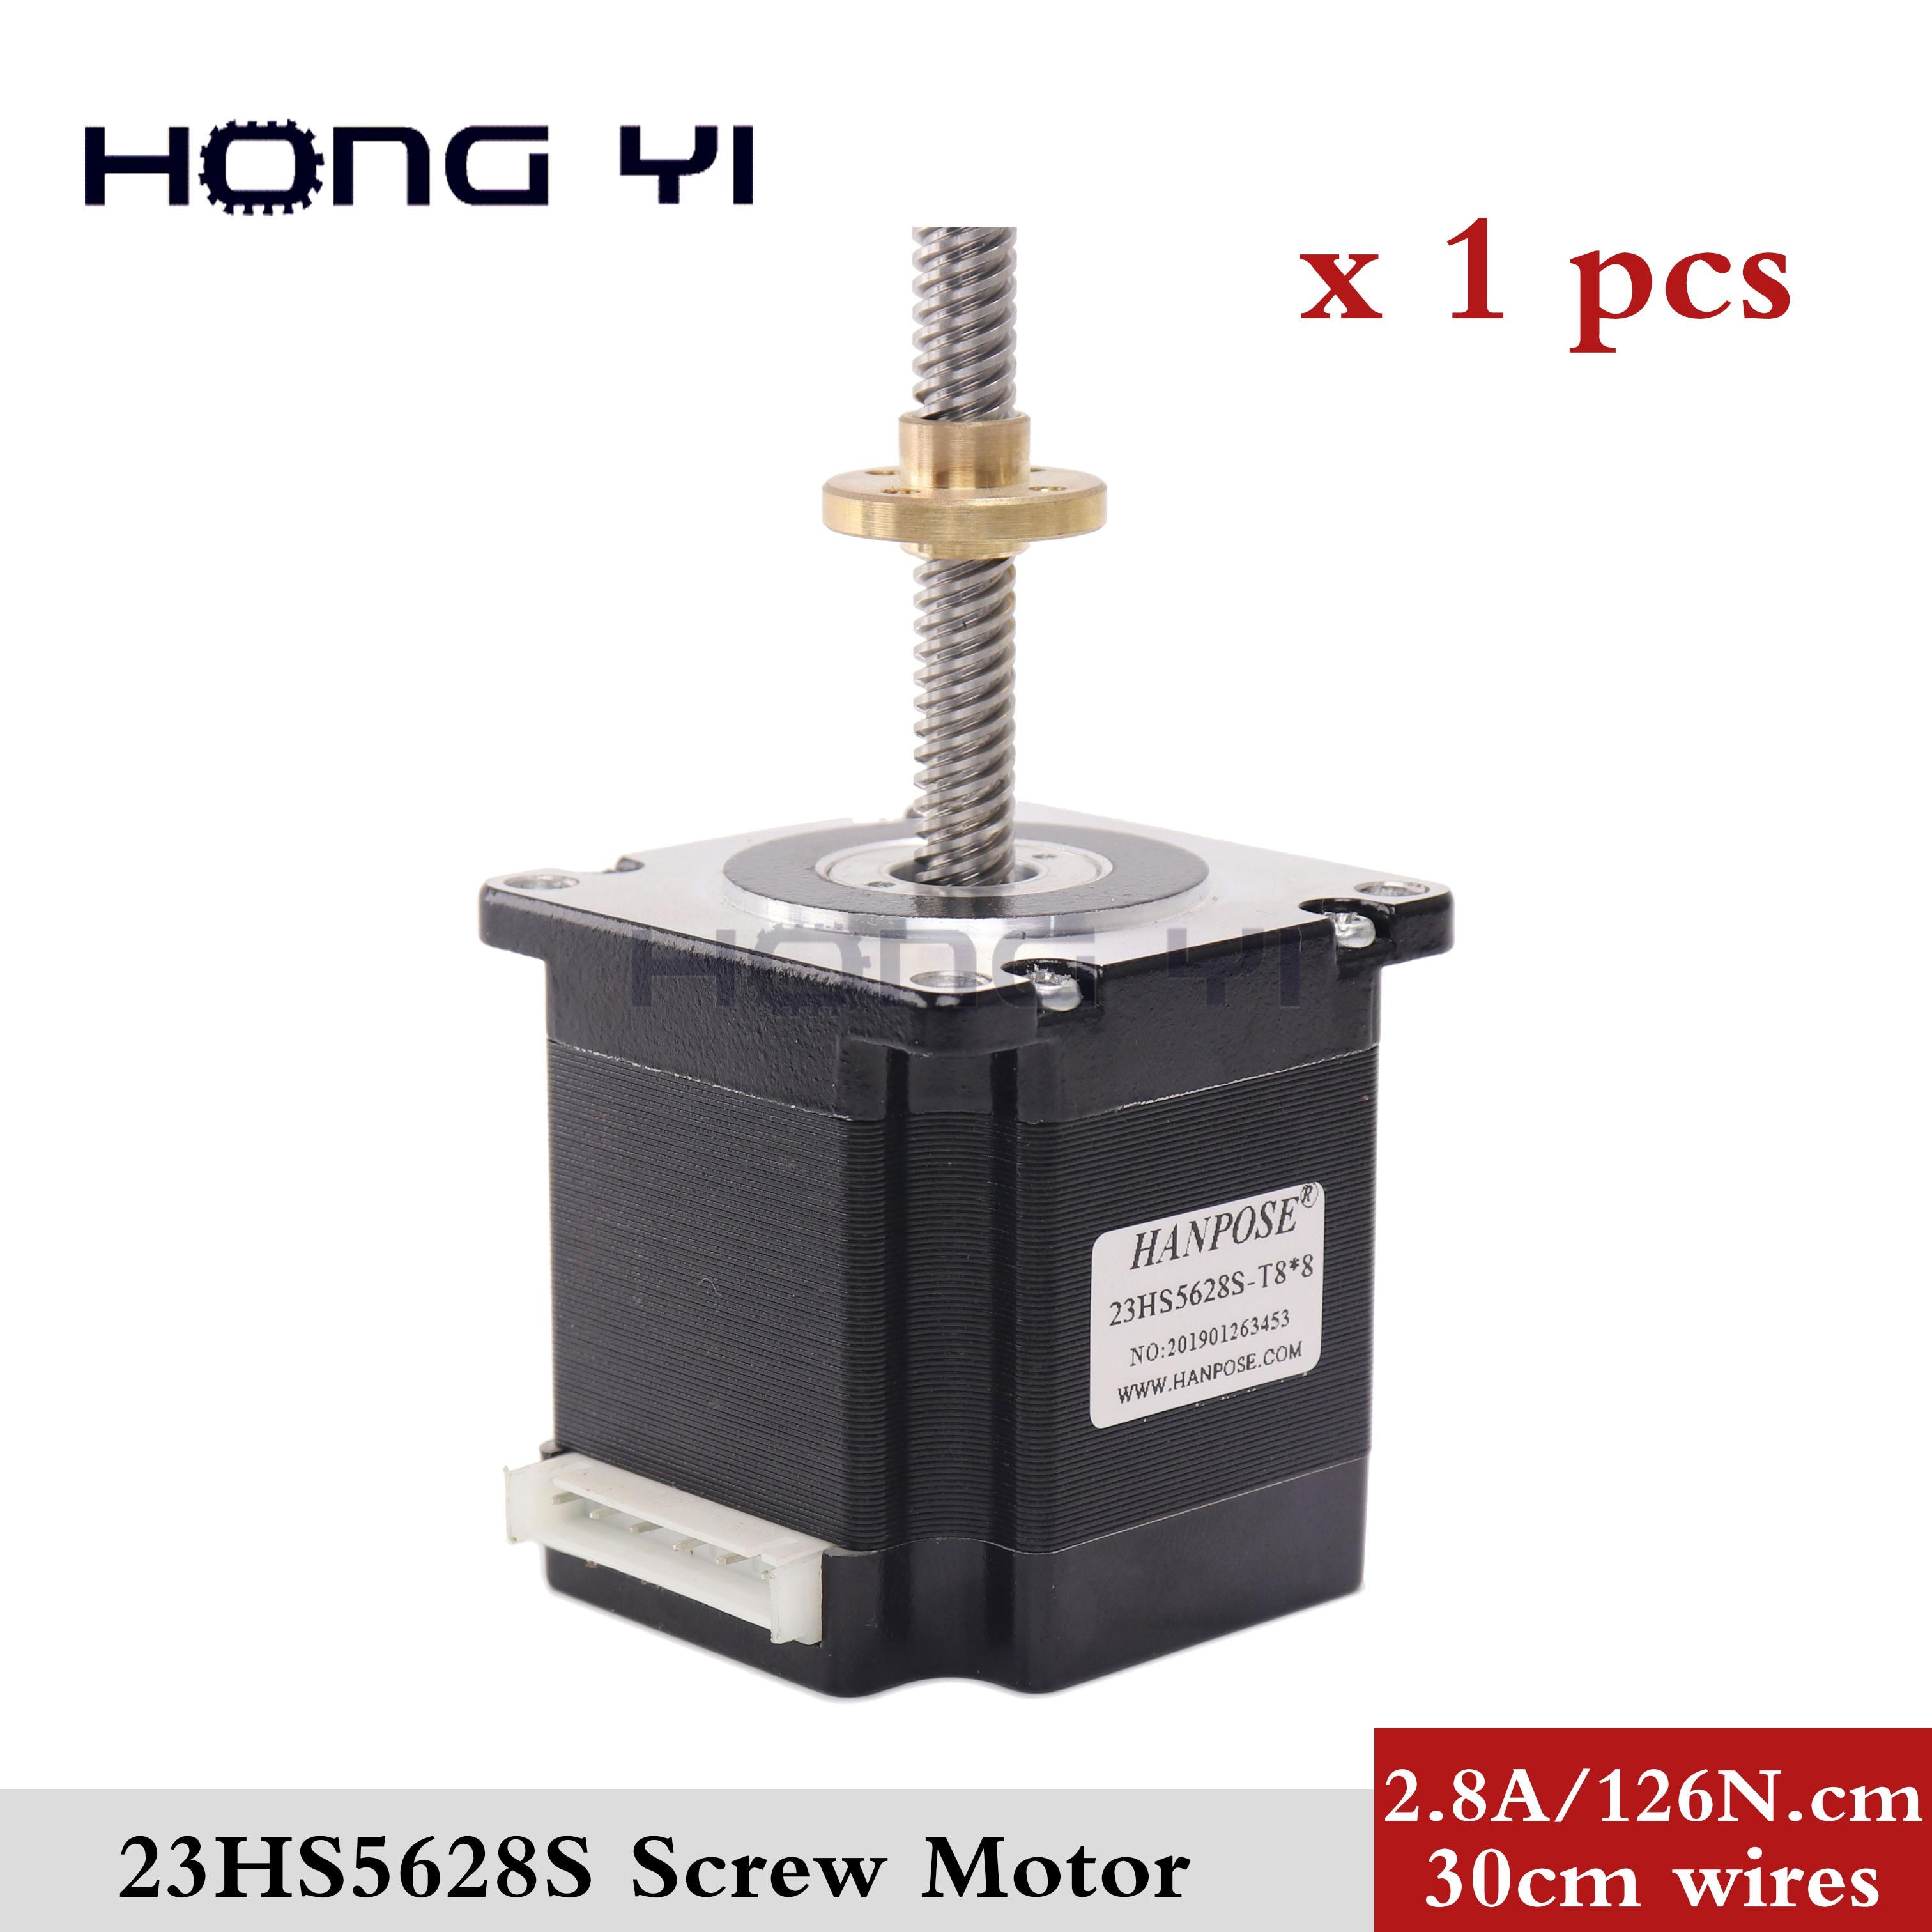 Livraison gratuite Nema 23 vis moteur pas à pas moteur 165 Oz-en 56mm 2.8A 23HS5628 4-plomb 5 avec t8x8 vis plomb CNC Laser moudre la mousse